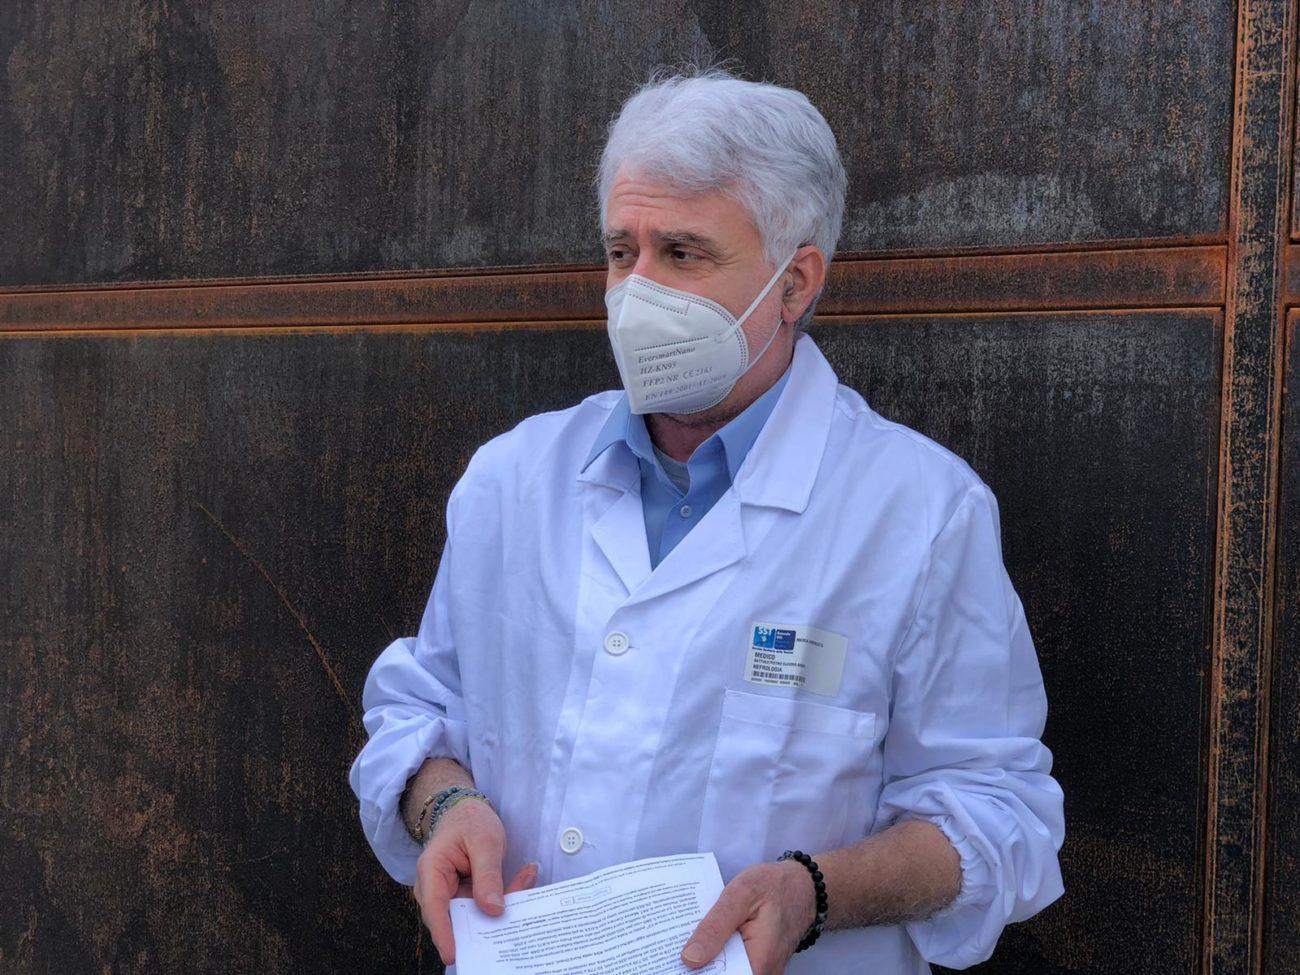 presidente provinciale dell'Ordine dei medici chirurghi e odontoiatri Pietro Dattolo